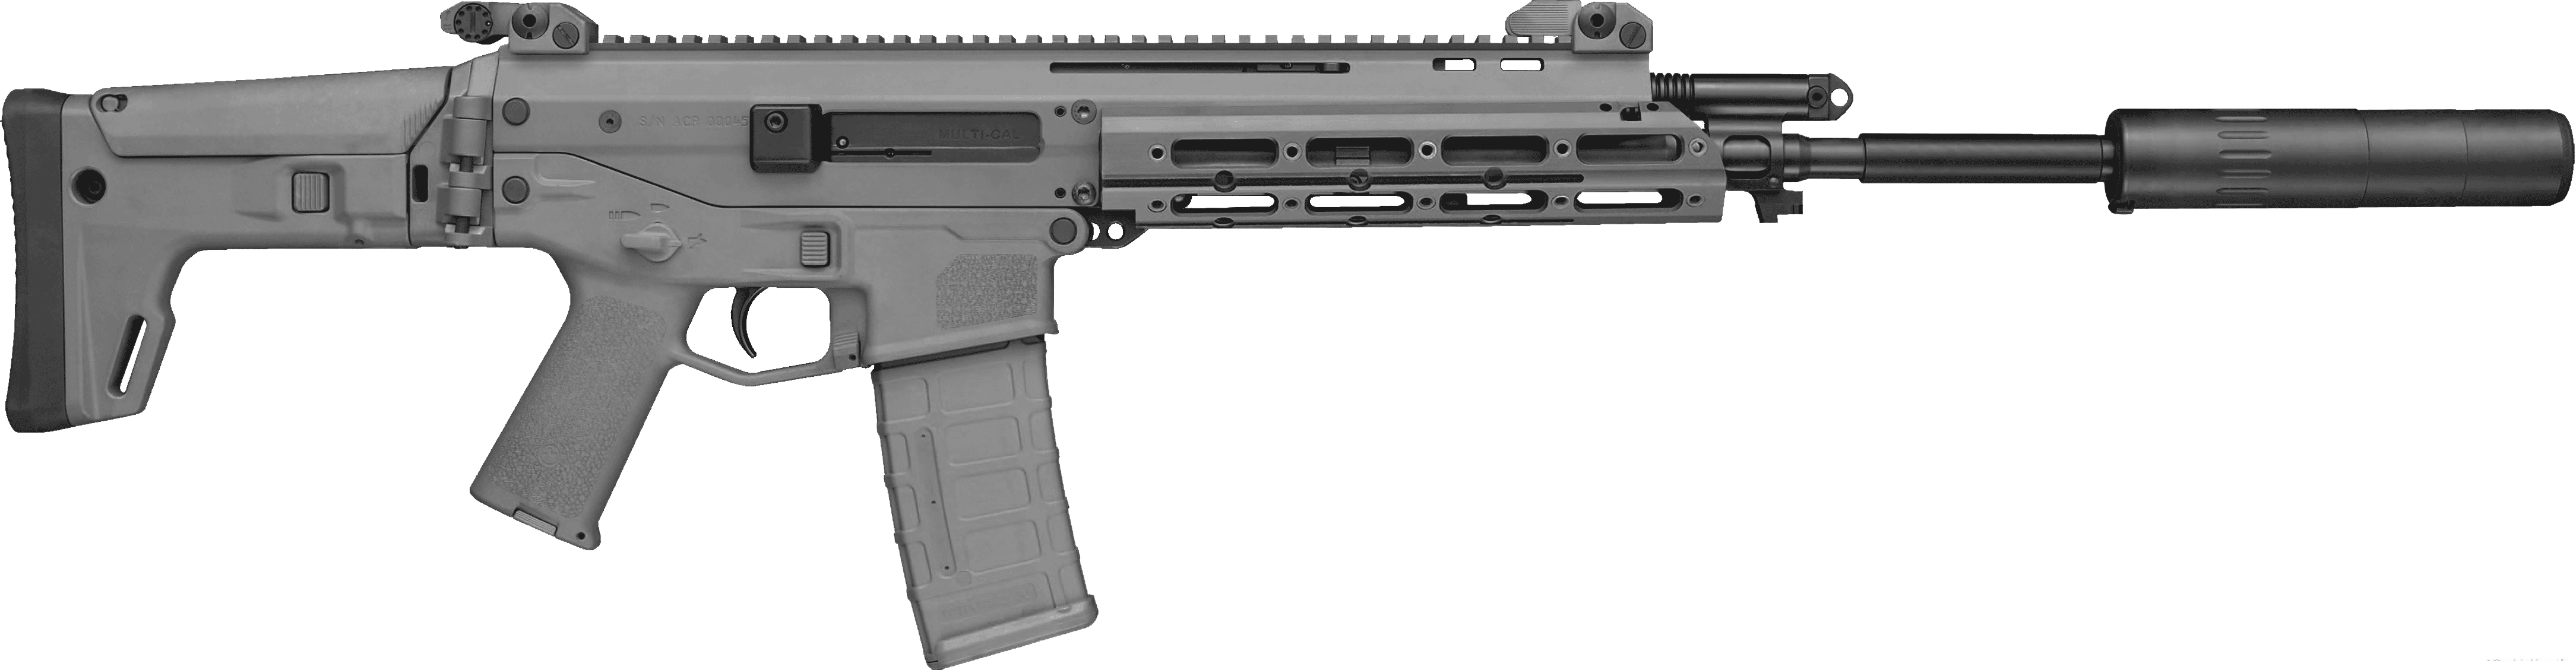 Metal Assault Rifle